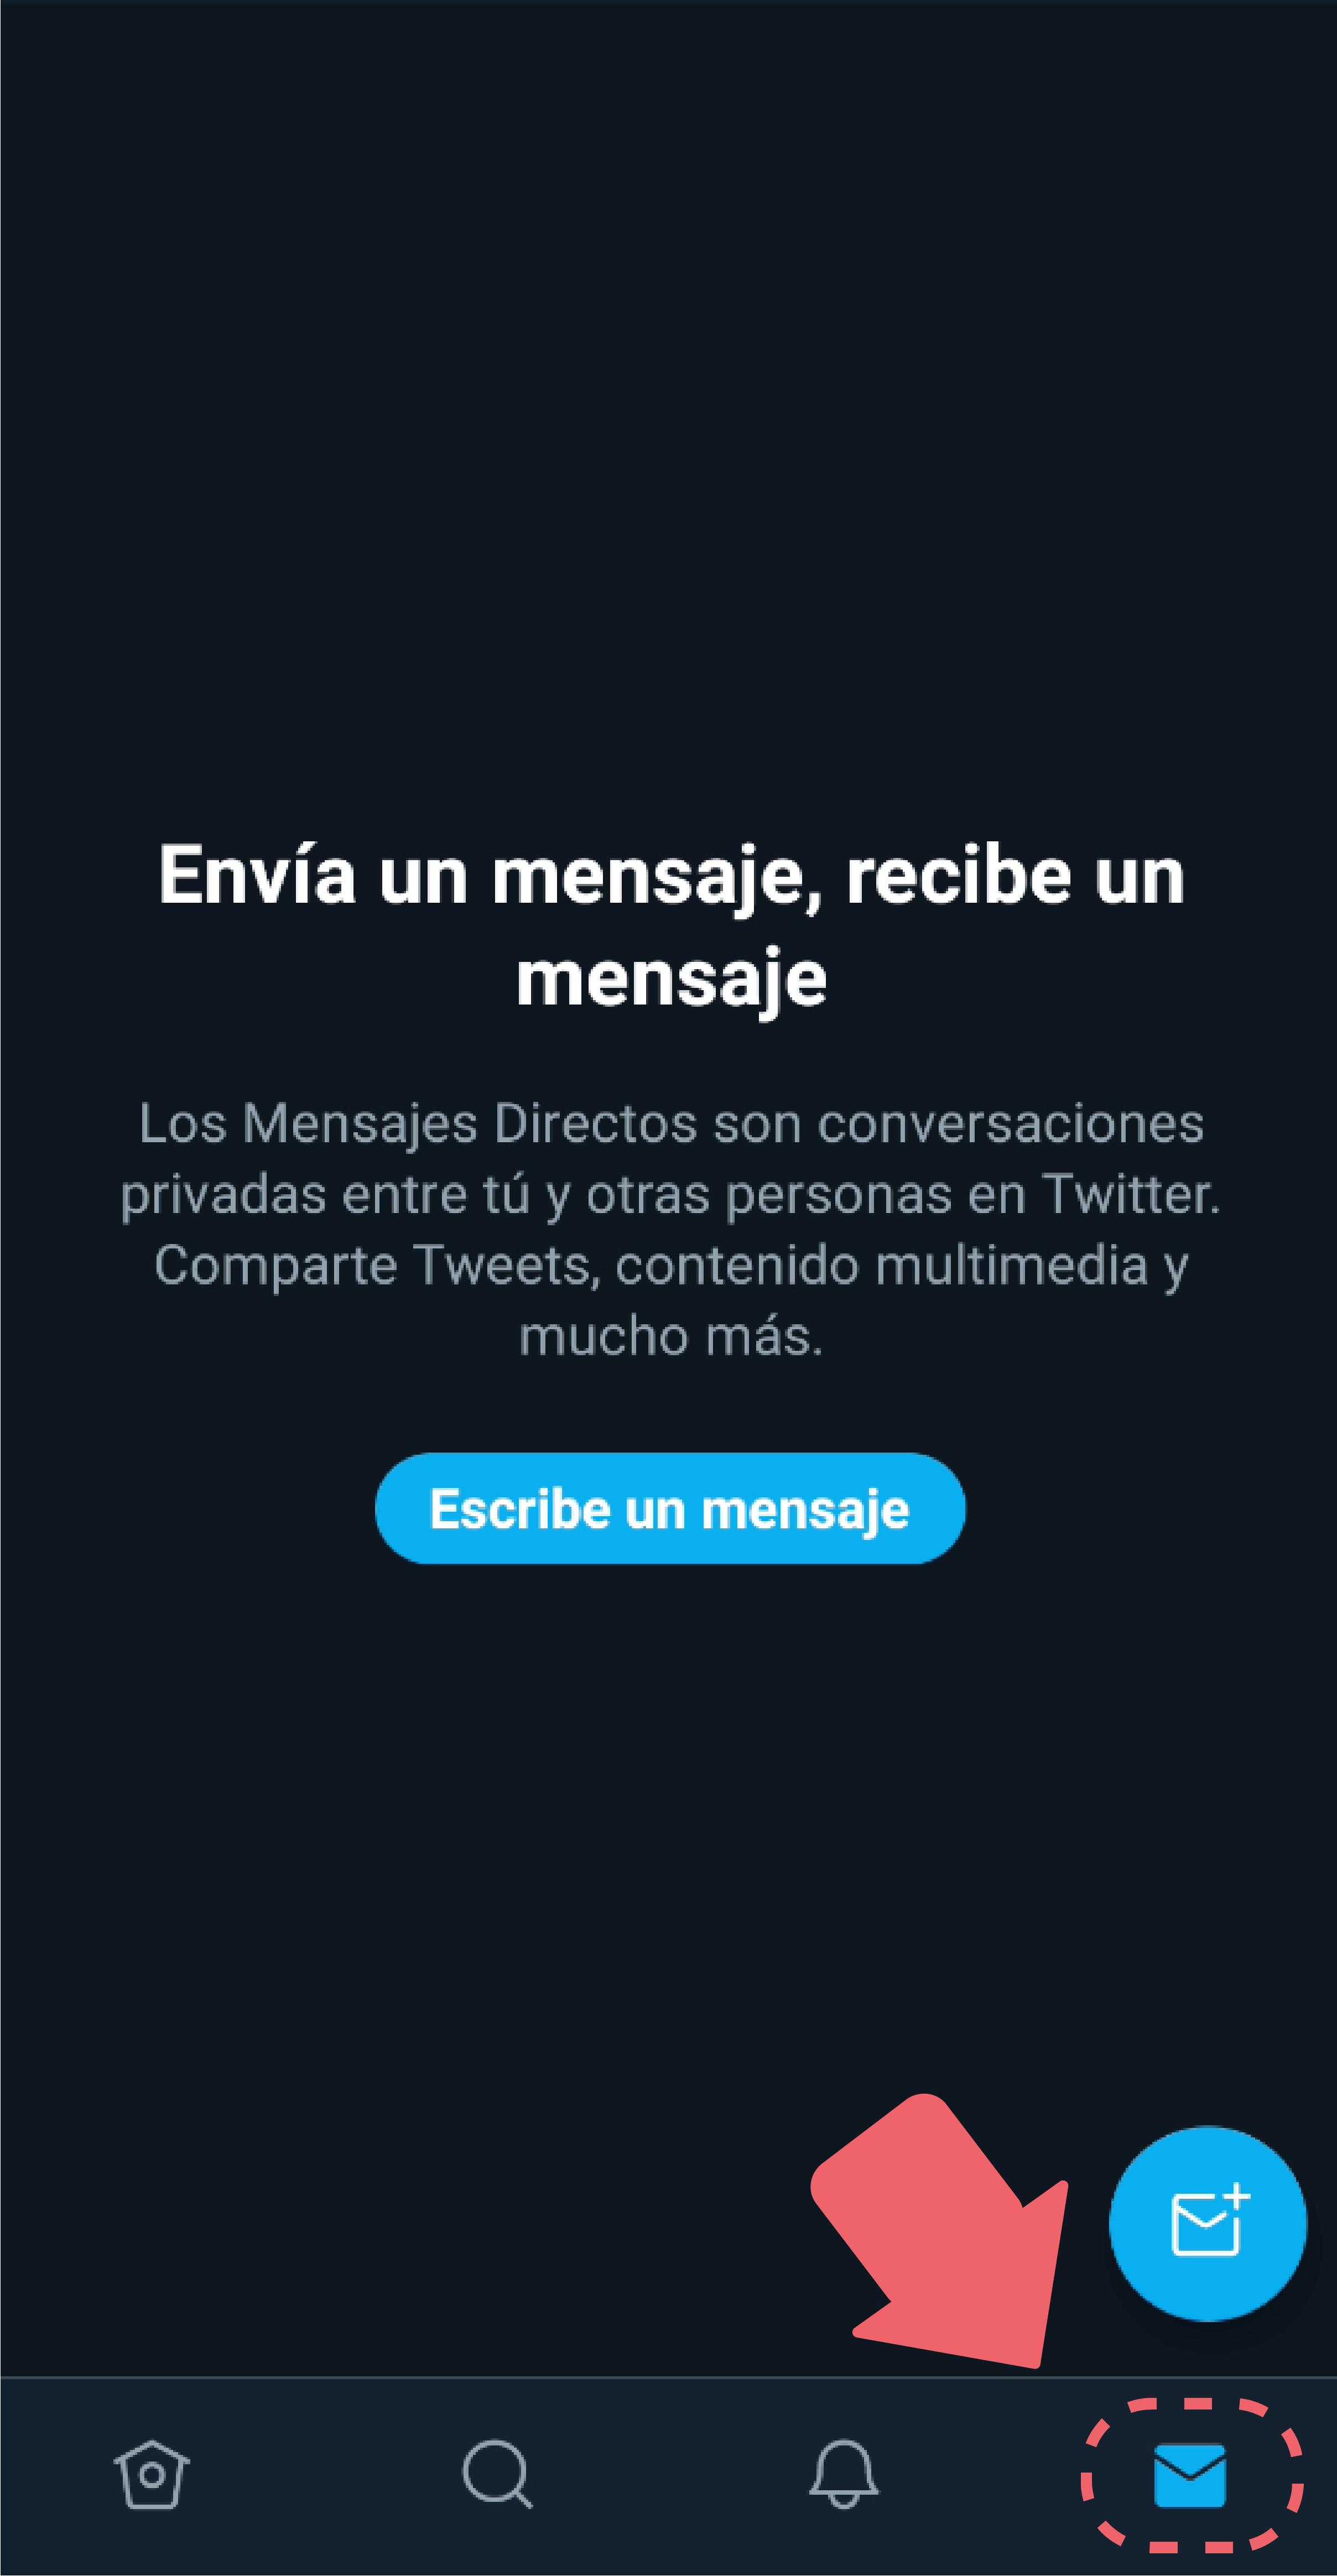 Ícono de sobre: al oprimir este ícono, irás al centro de mensajes privados que posee la aplicación, estos mensajes no tienen límite de caracteres y podrás recibirlos de usuarios que no sigues o te siguen.